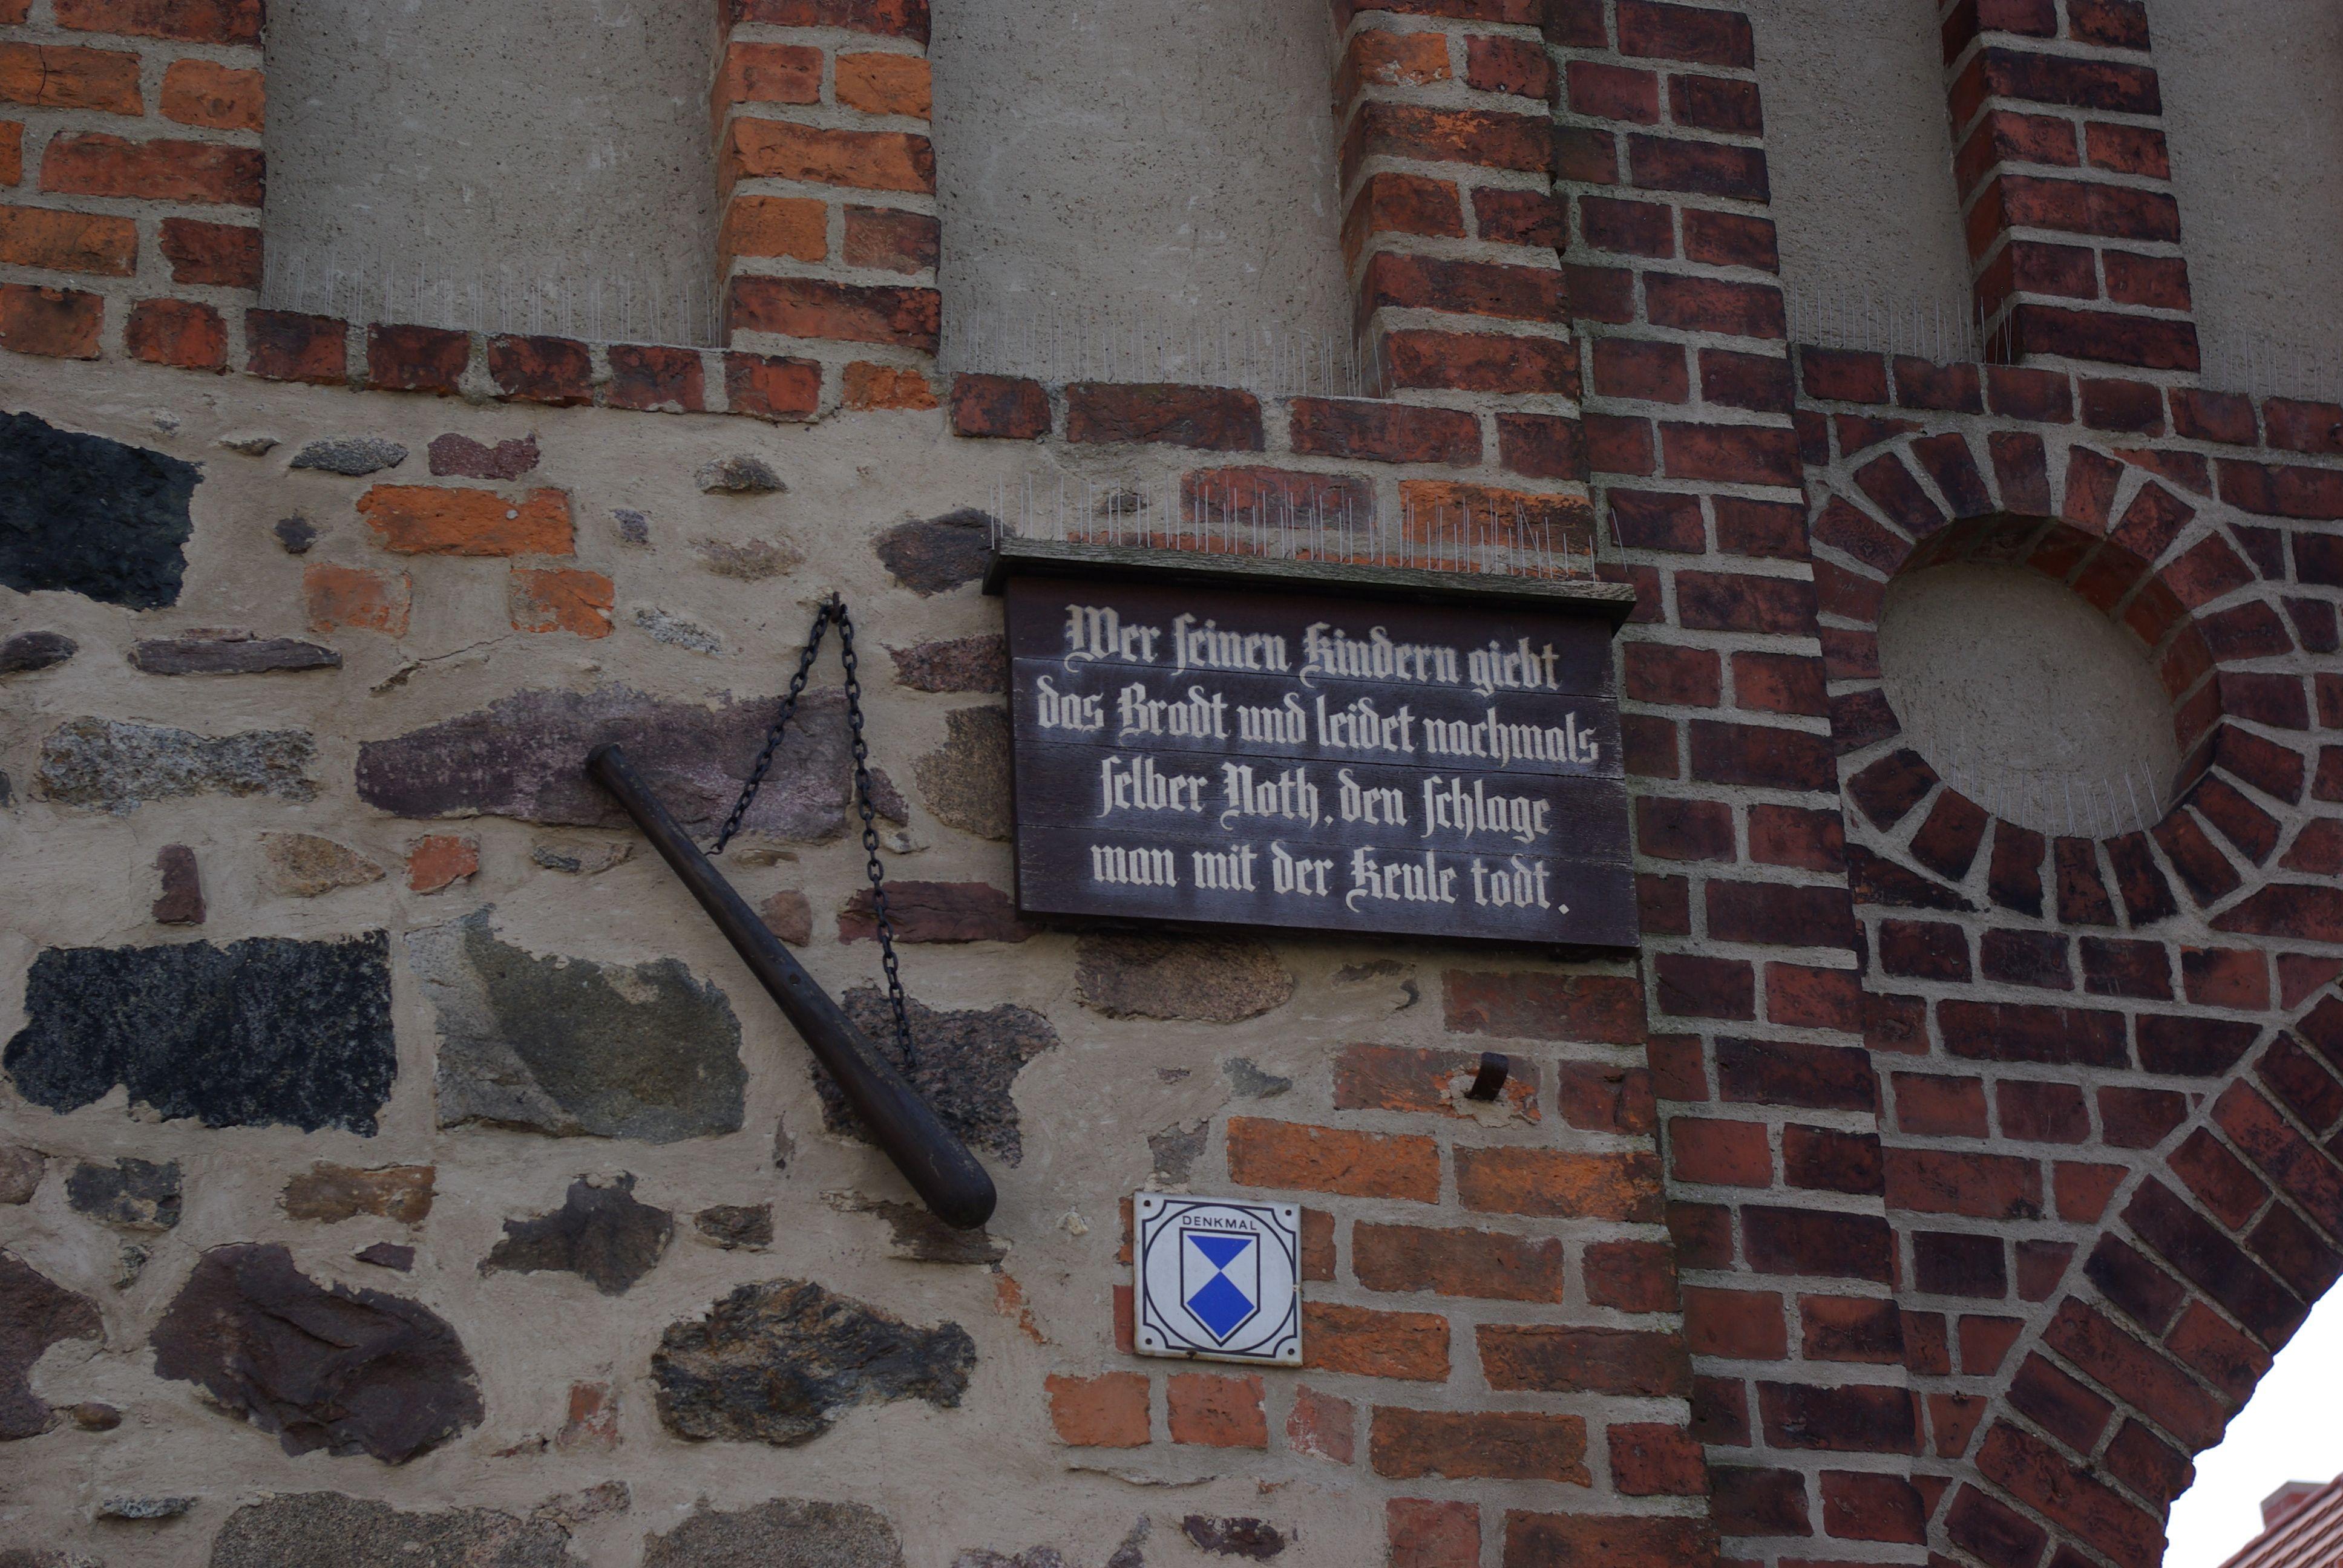 Jüterboger Keule.jpg